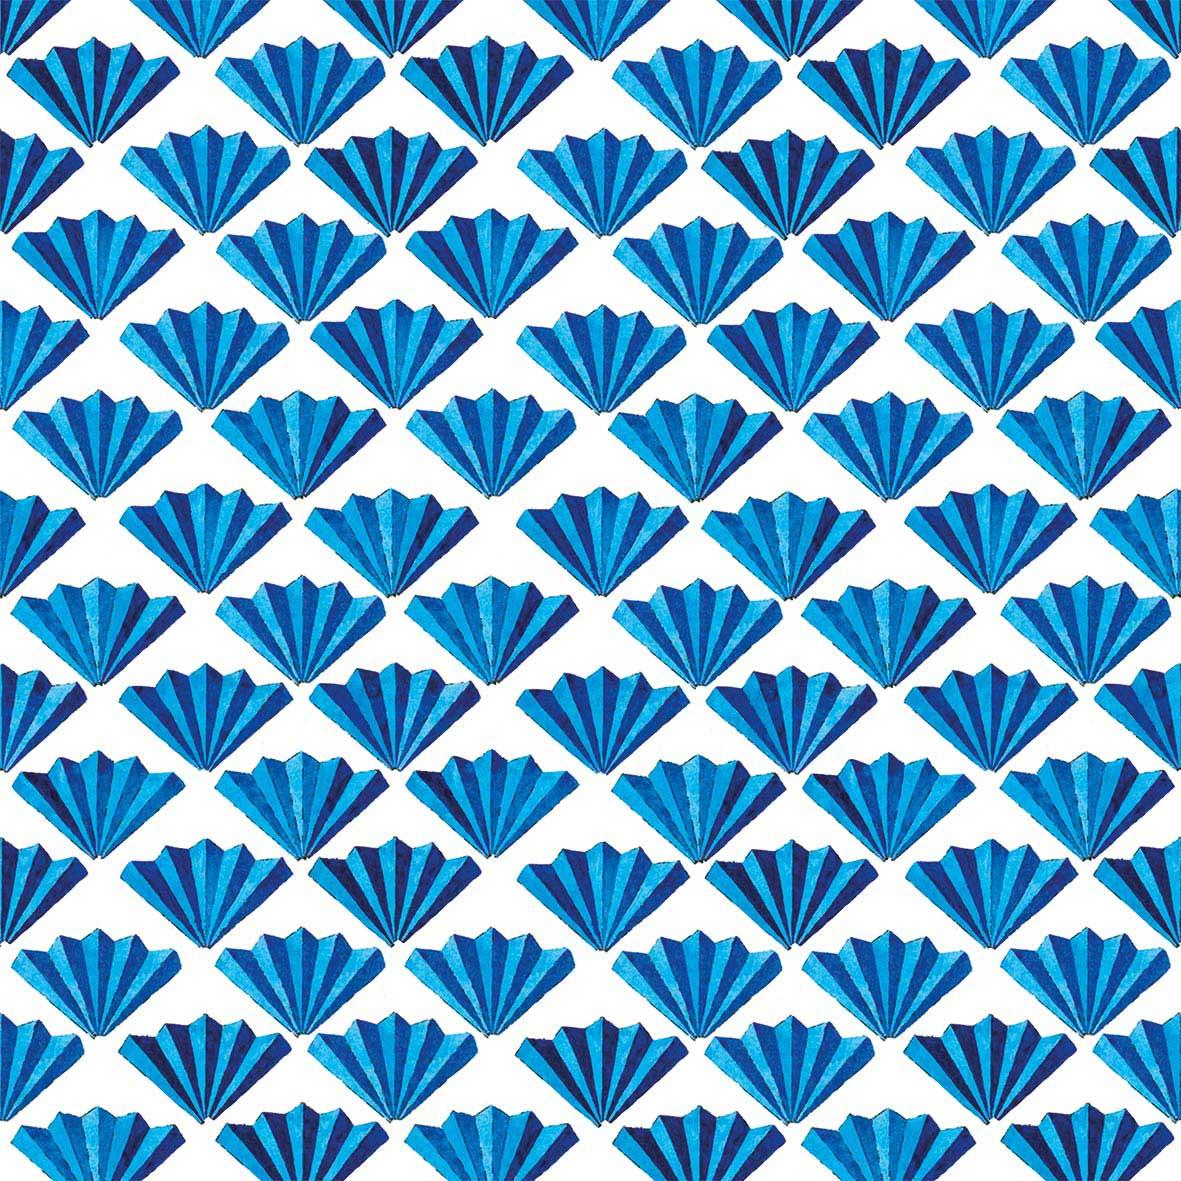 Archetti azzurri Napkin 33x33